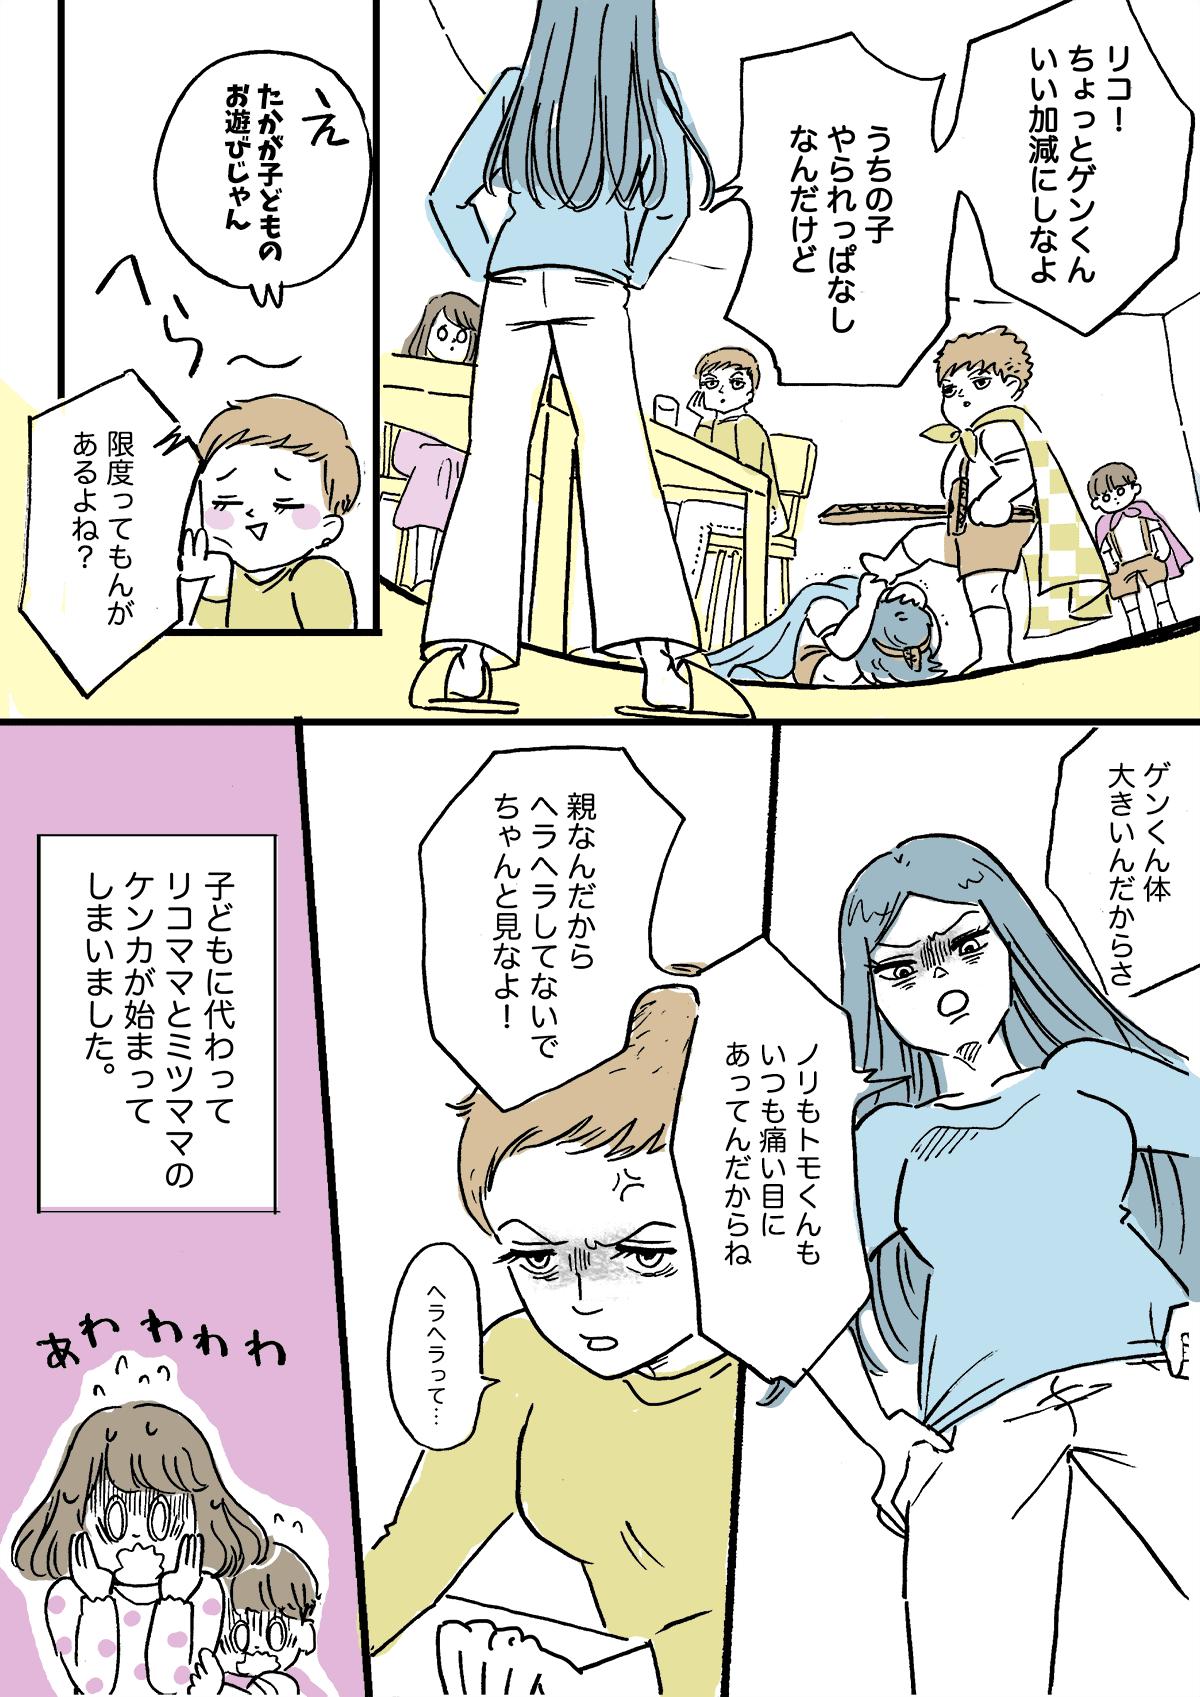 3【前編】河川敷で決闘したママ友